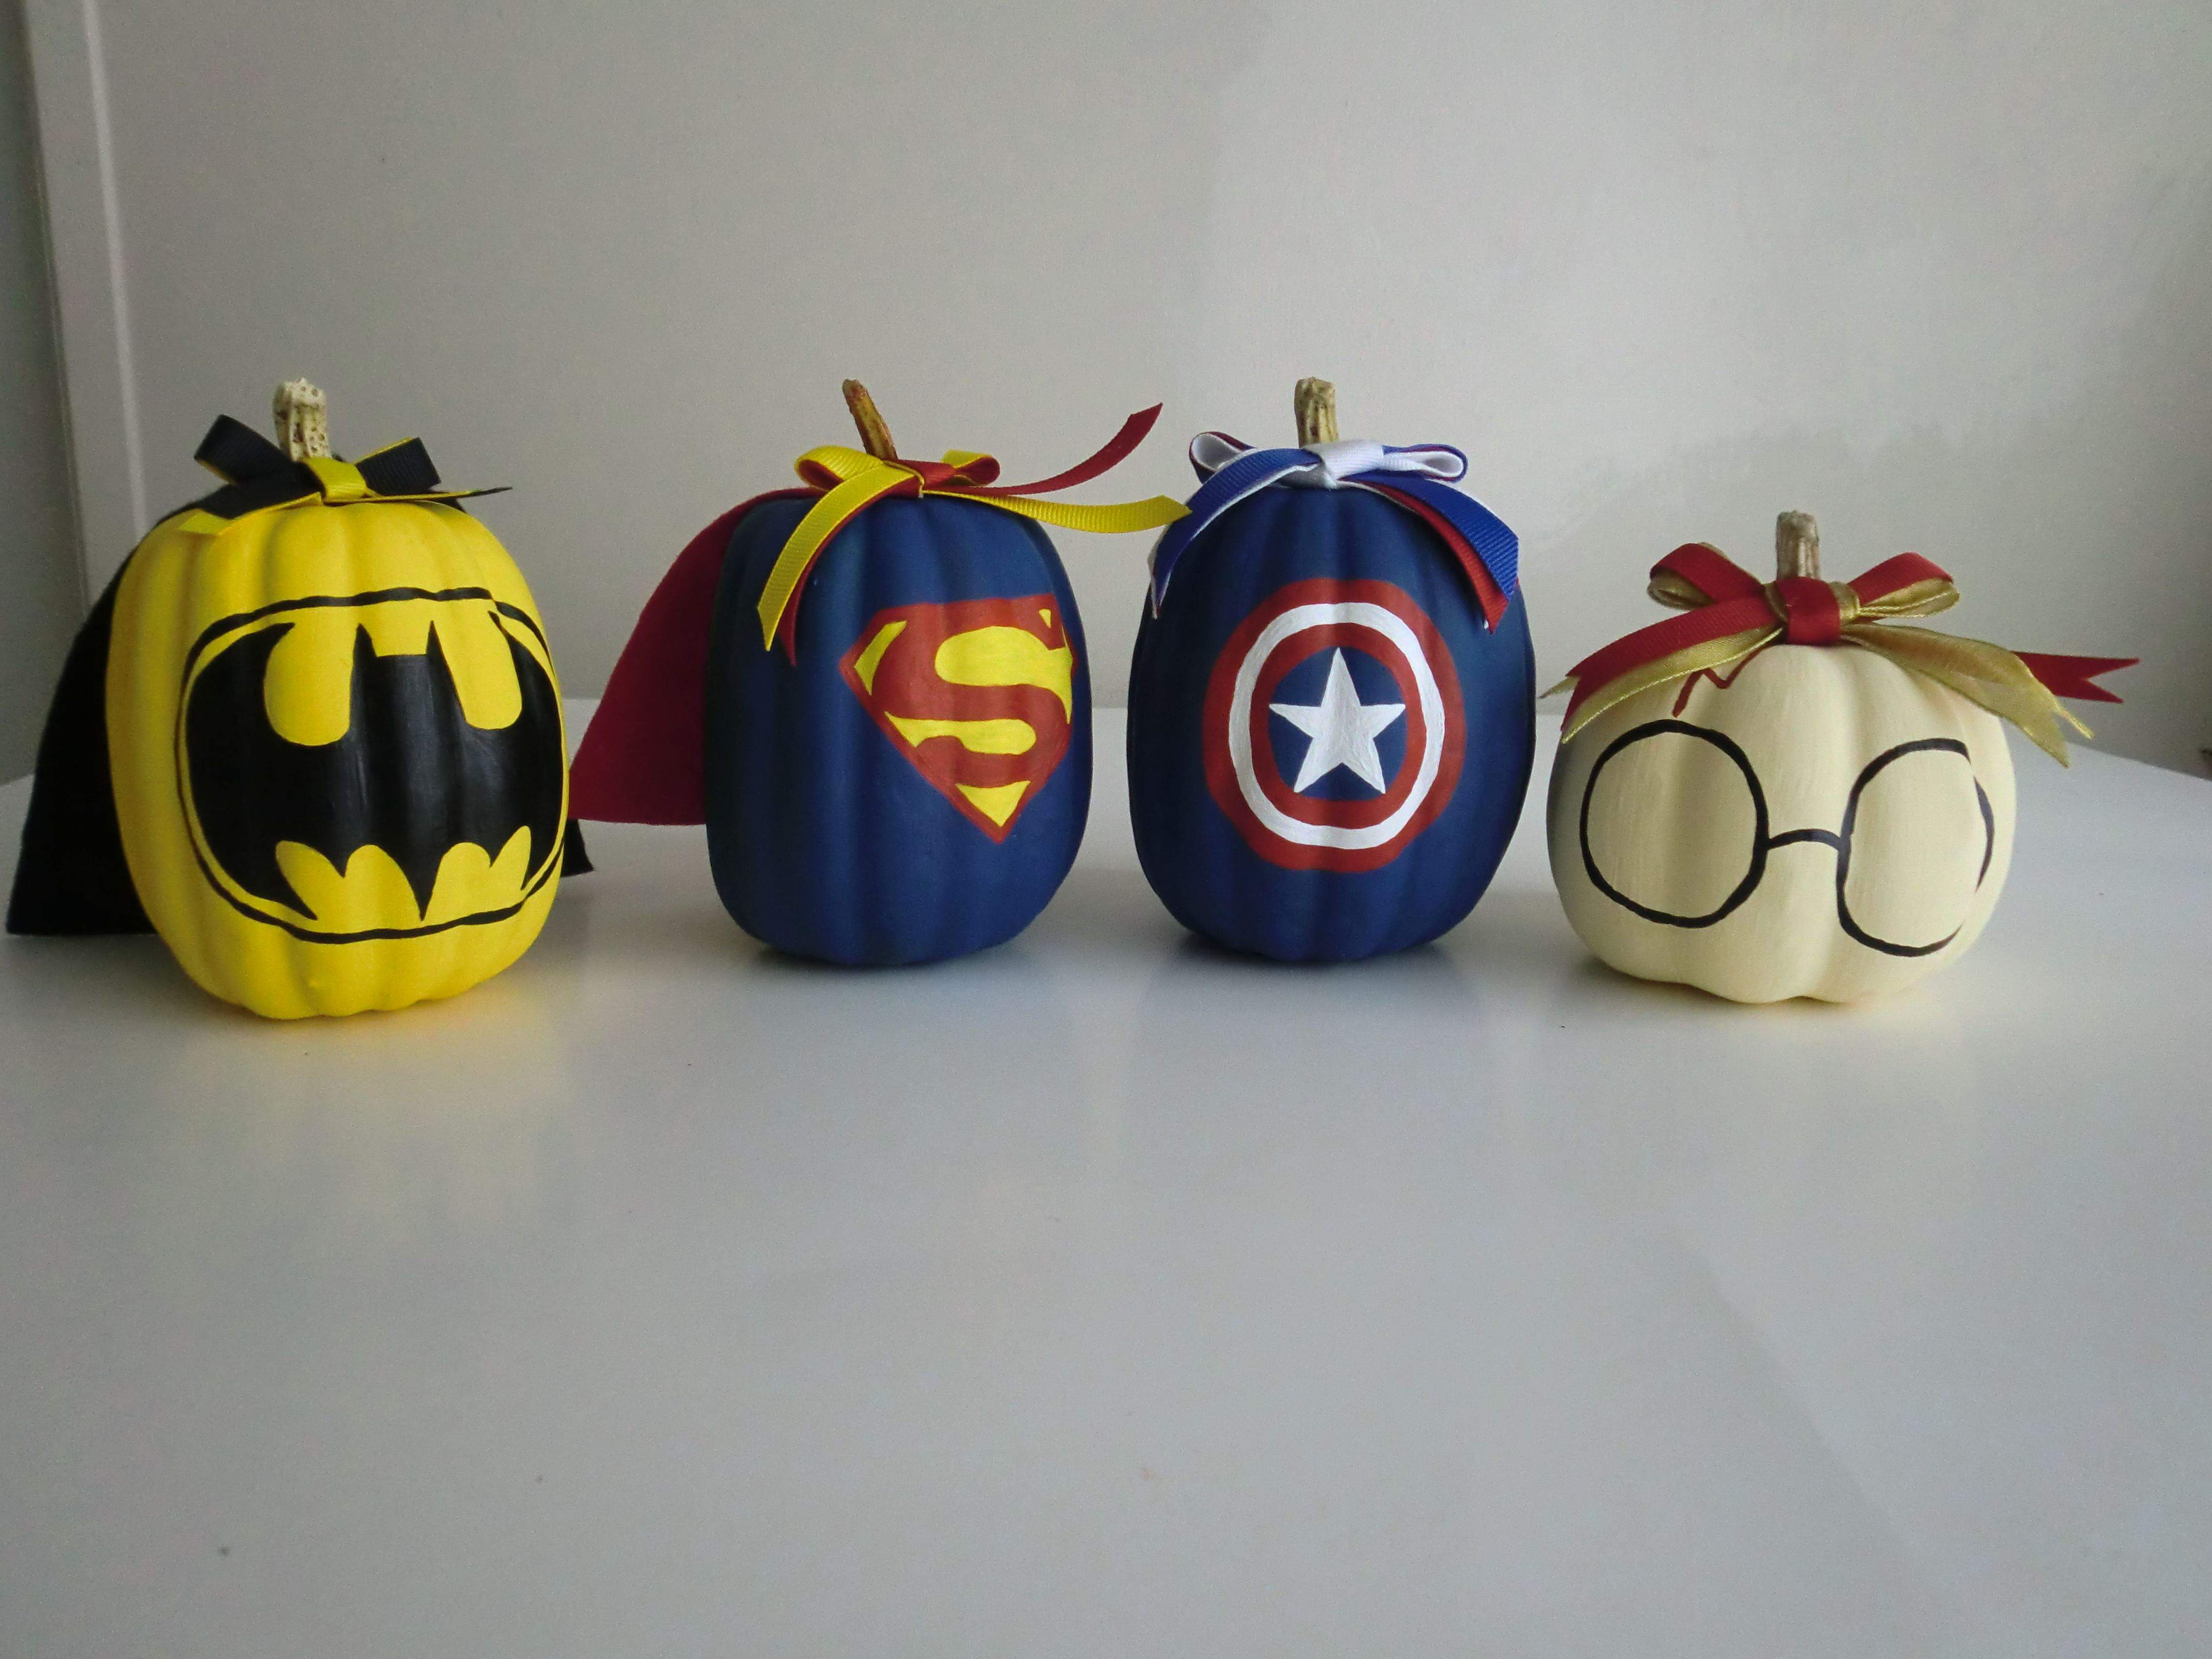 Nerdy painted pumpkins I made! #pumpkins | The Pixel Peddler ...